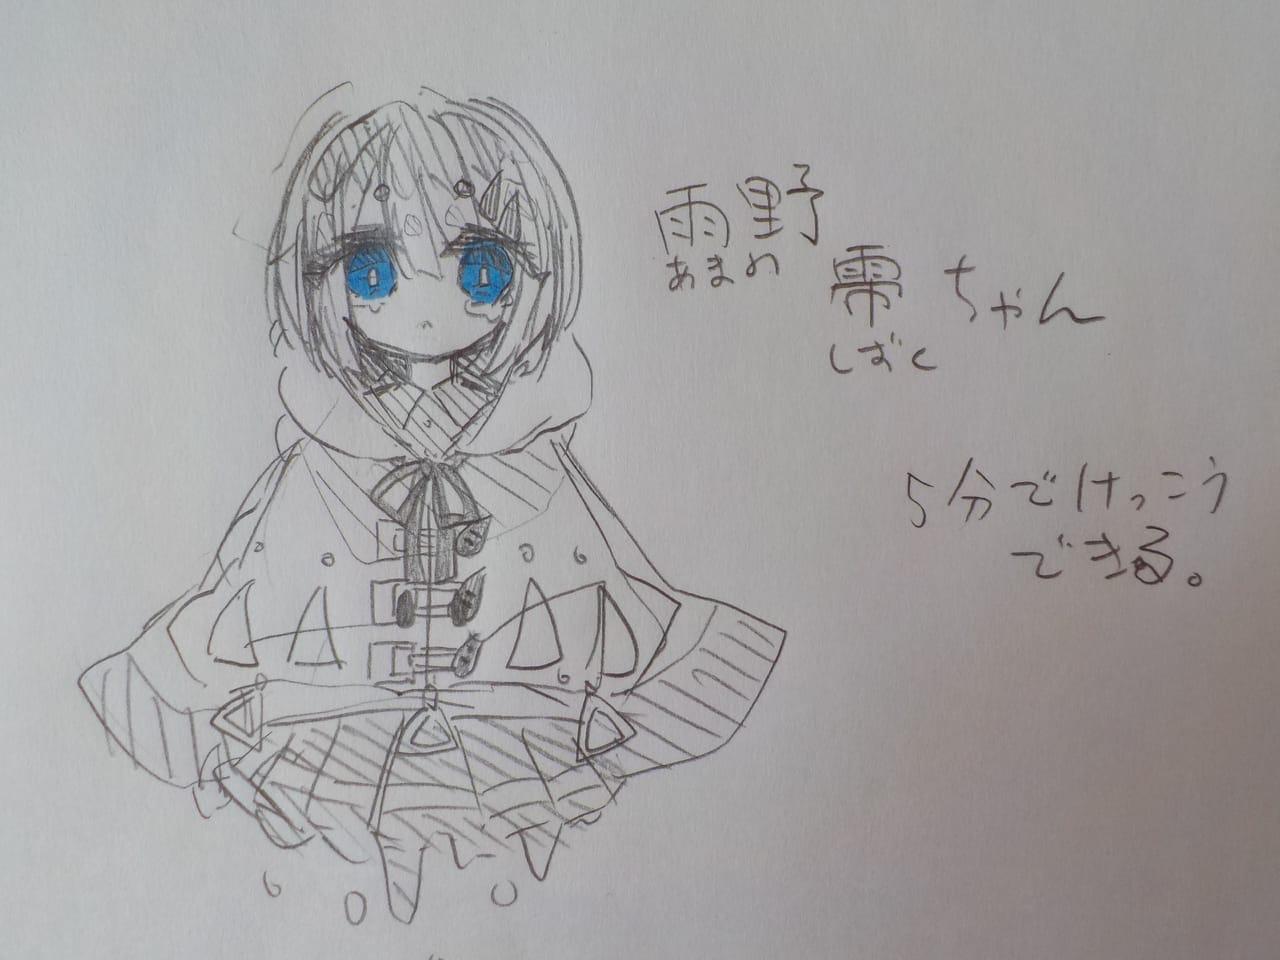 落書き(…?) Illust of めだまやき#中2病 アナログ angel 天気 泣き顔 chibi Personification kawaii rain